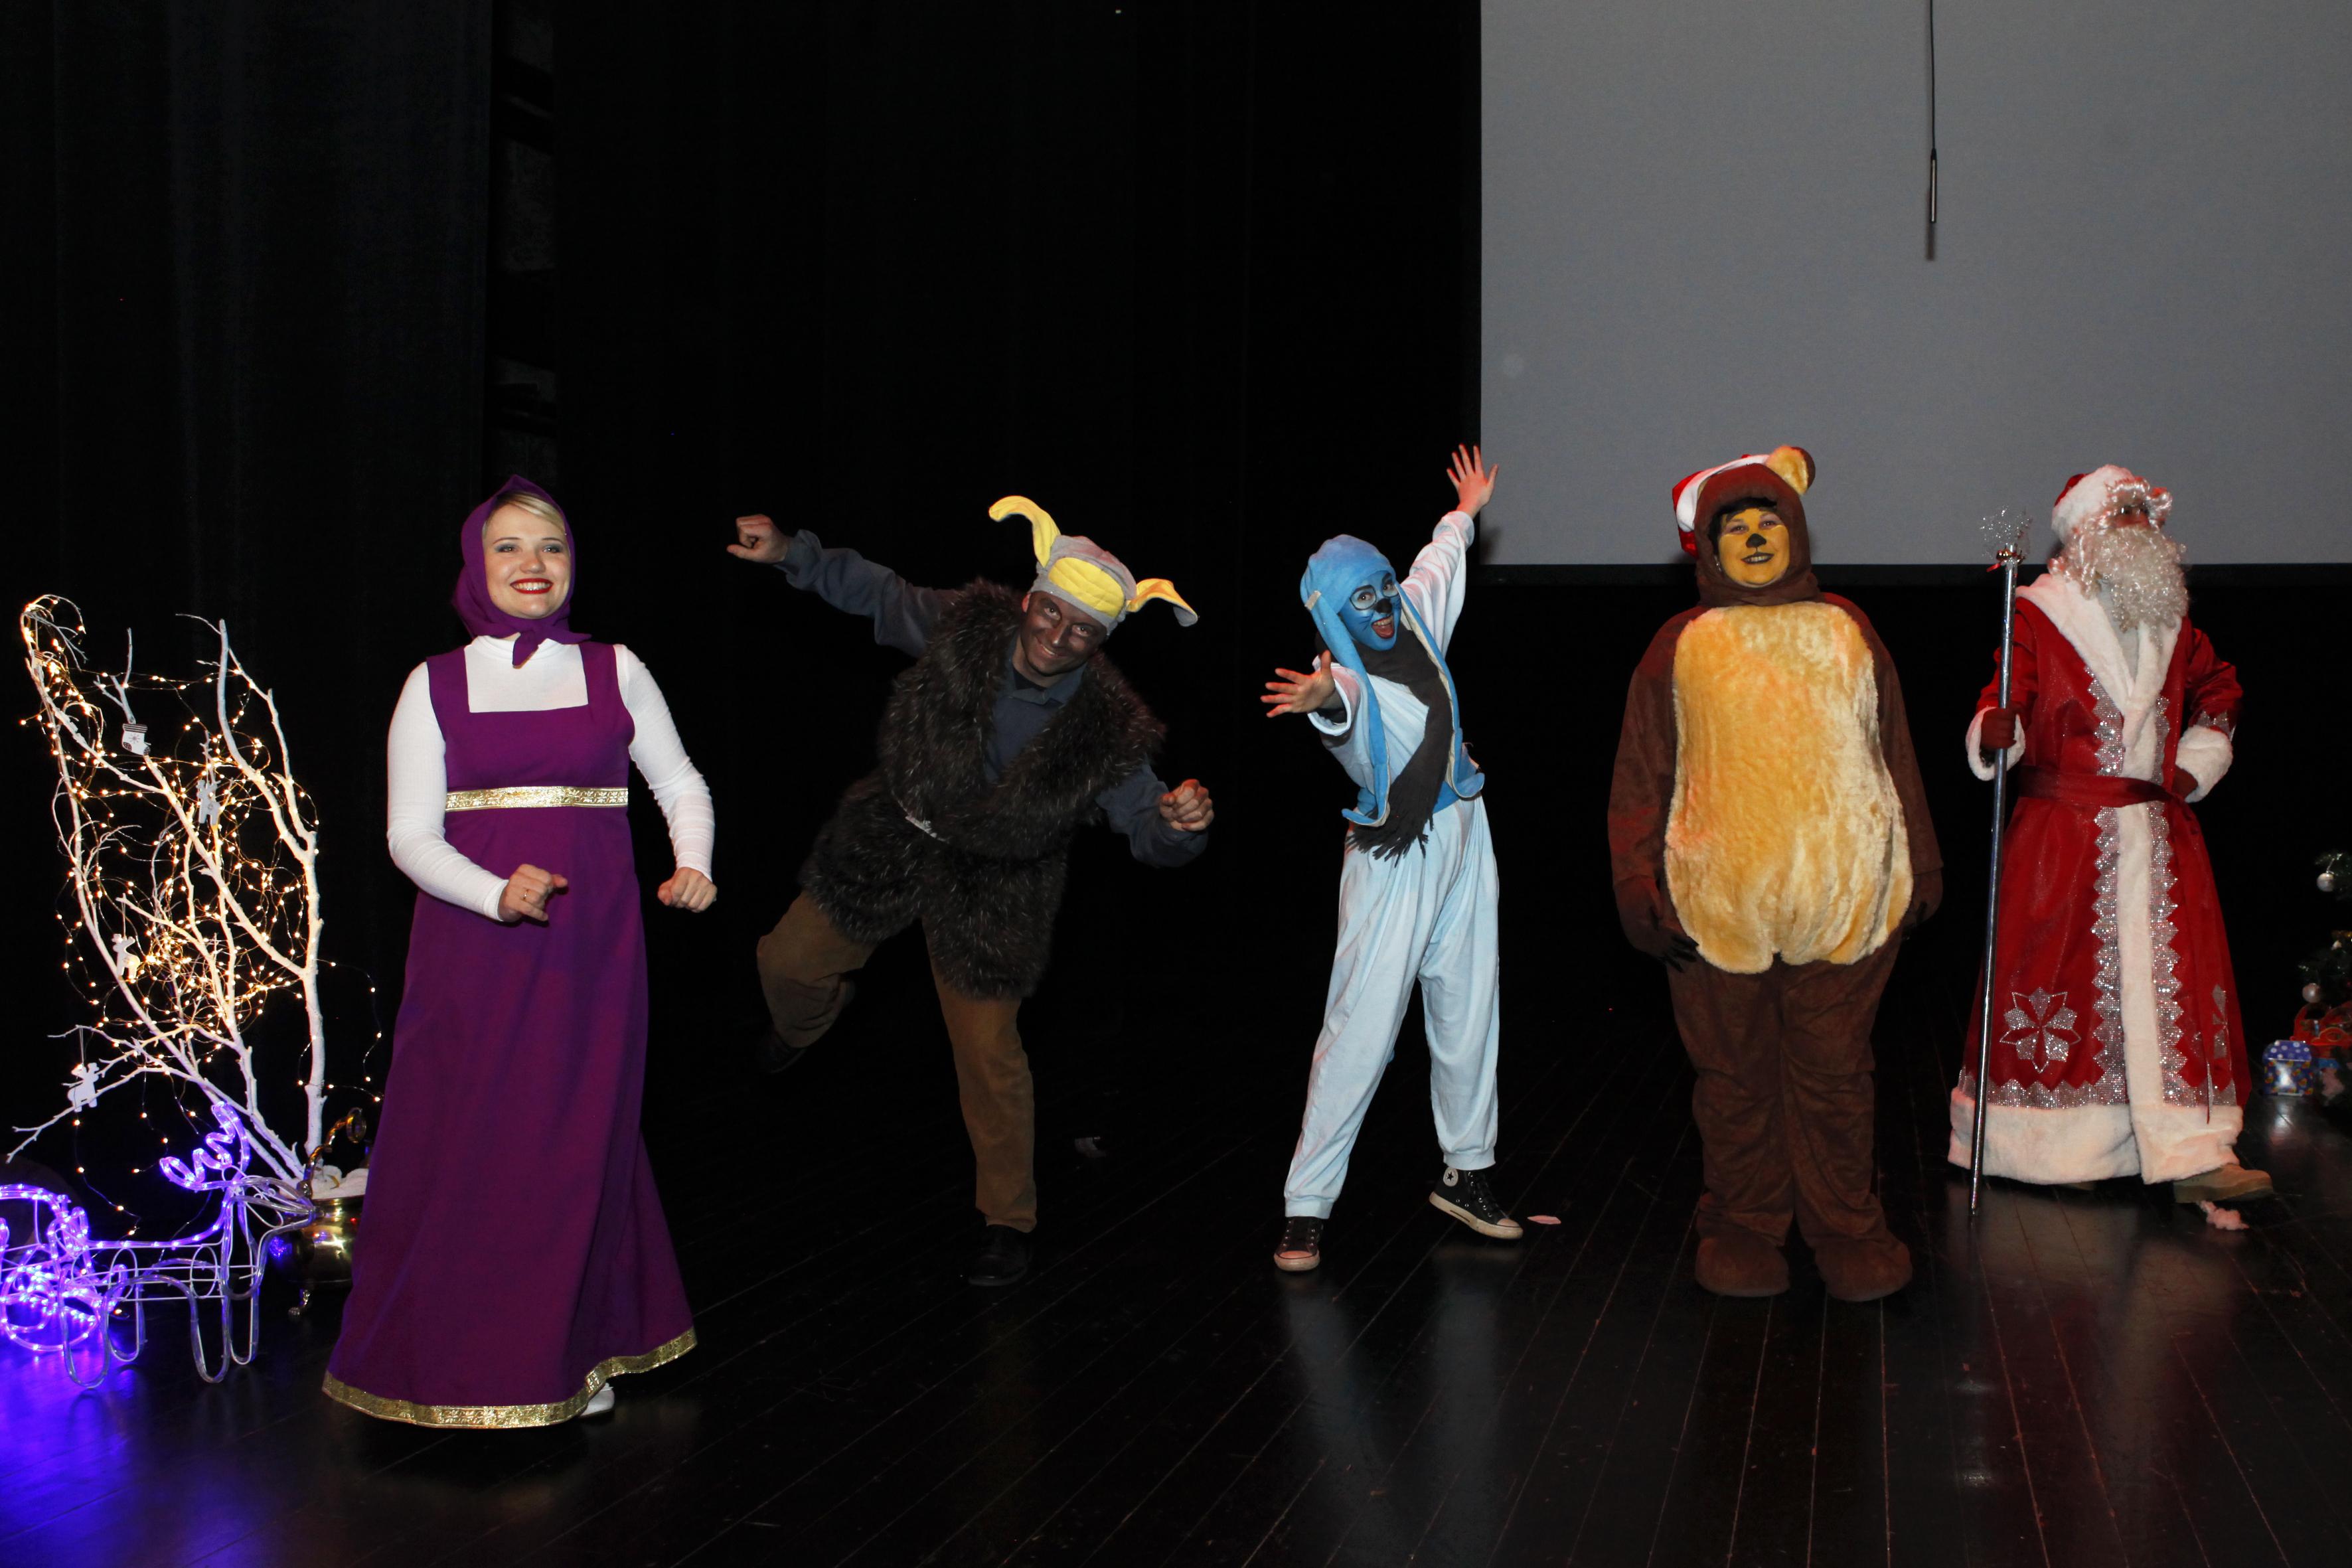 Na pozornici su djeca gledala svoje omiljene likove u čudesnim, živopisnim, ručno izrađenim kostimima.